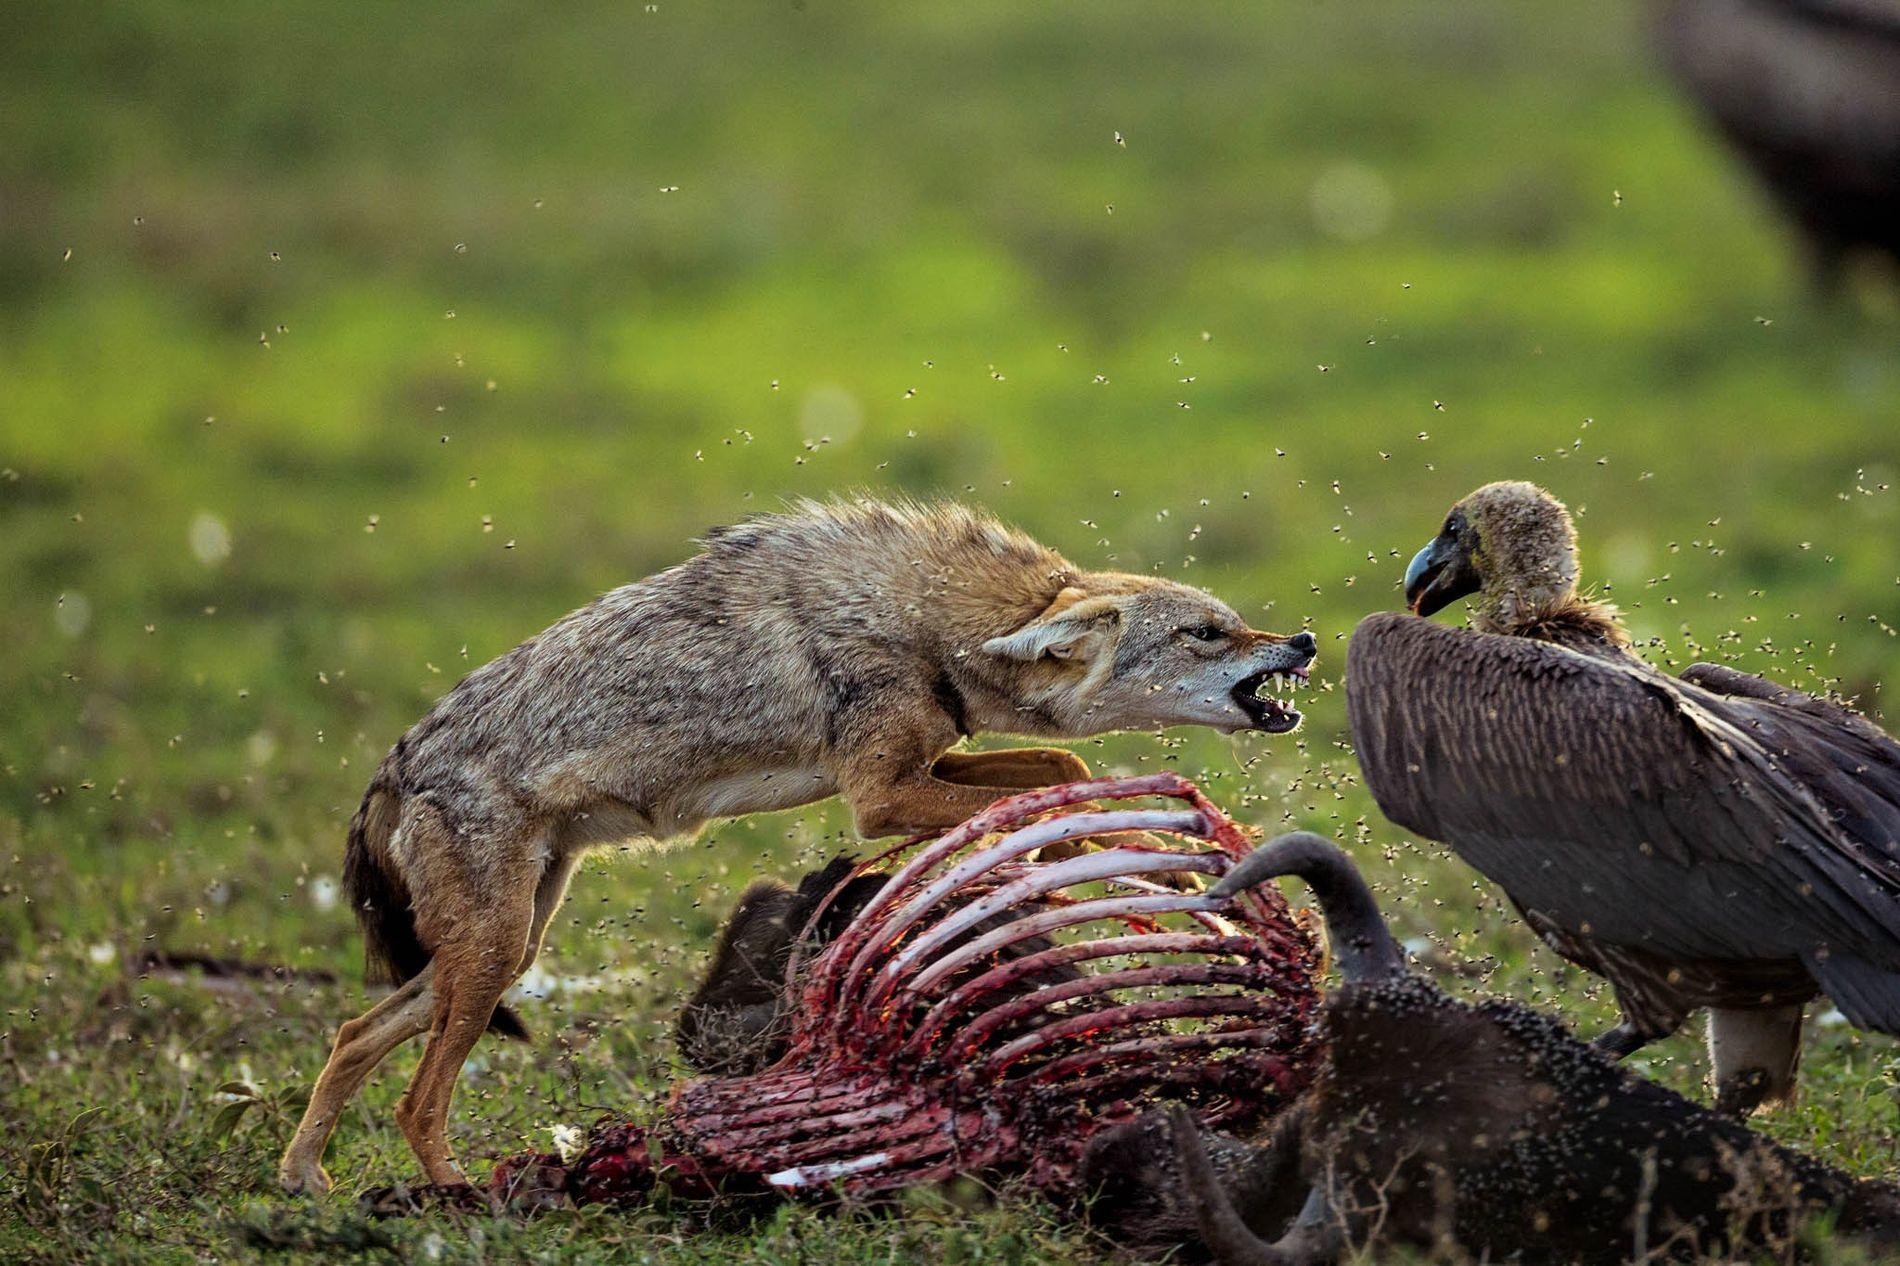 No Serengueti, um chacal-dourado impõe-se perante um grifo-africano imaturo que se intrometeu na sua refeição de gnu morto.